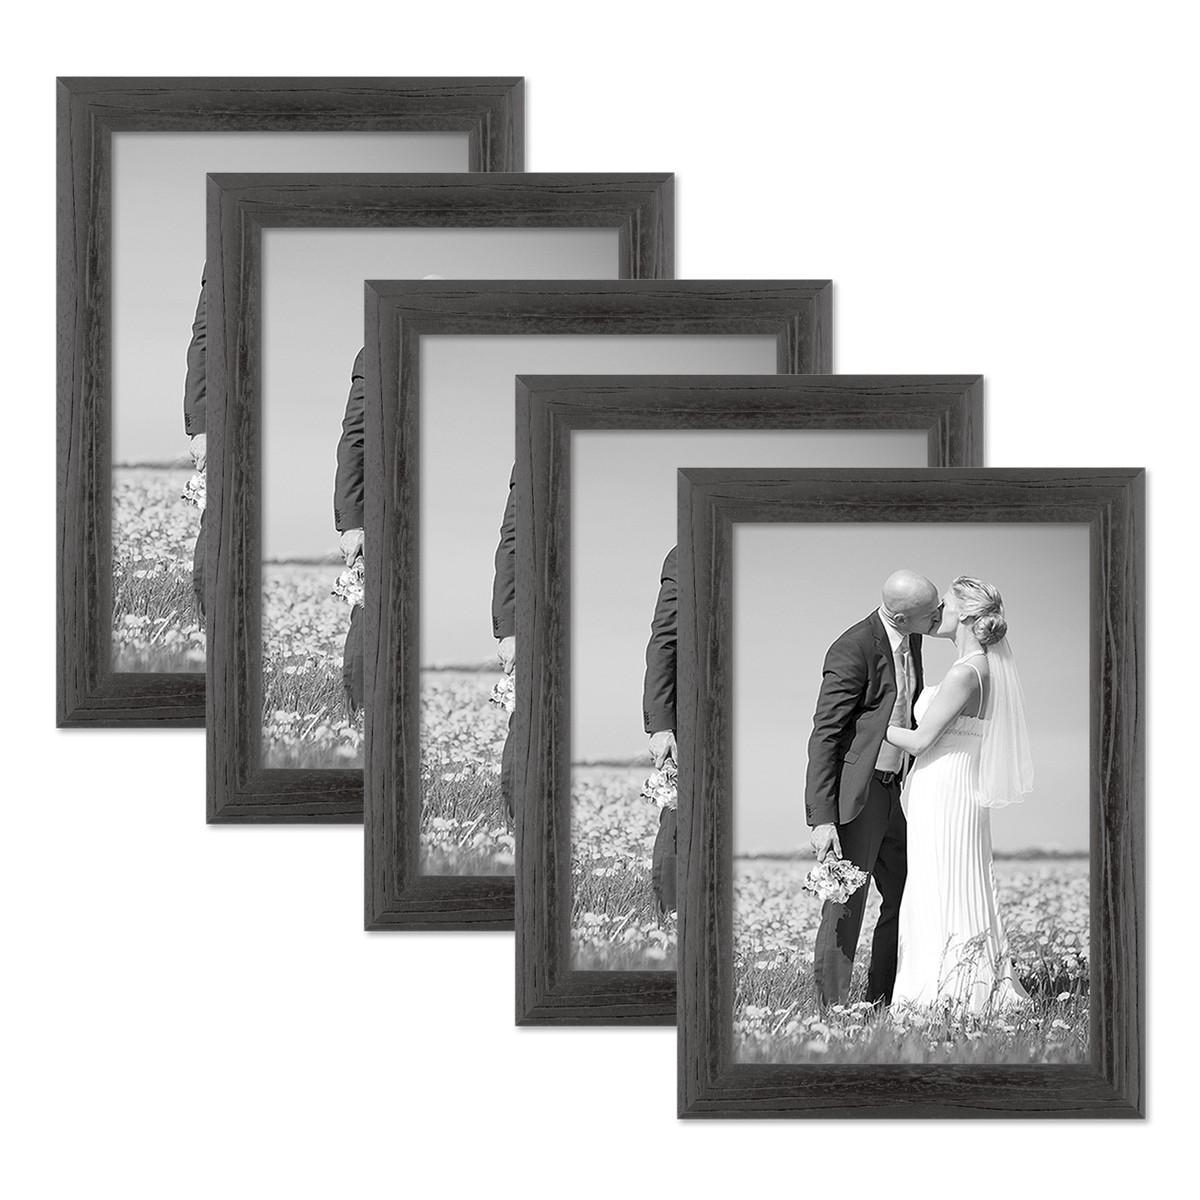 5er set bilderrahmen 21x30 cm din a4 schwarz modern. Black Bedroom Furniture Sets. Home Design Ideas